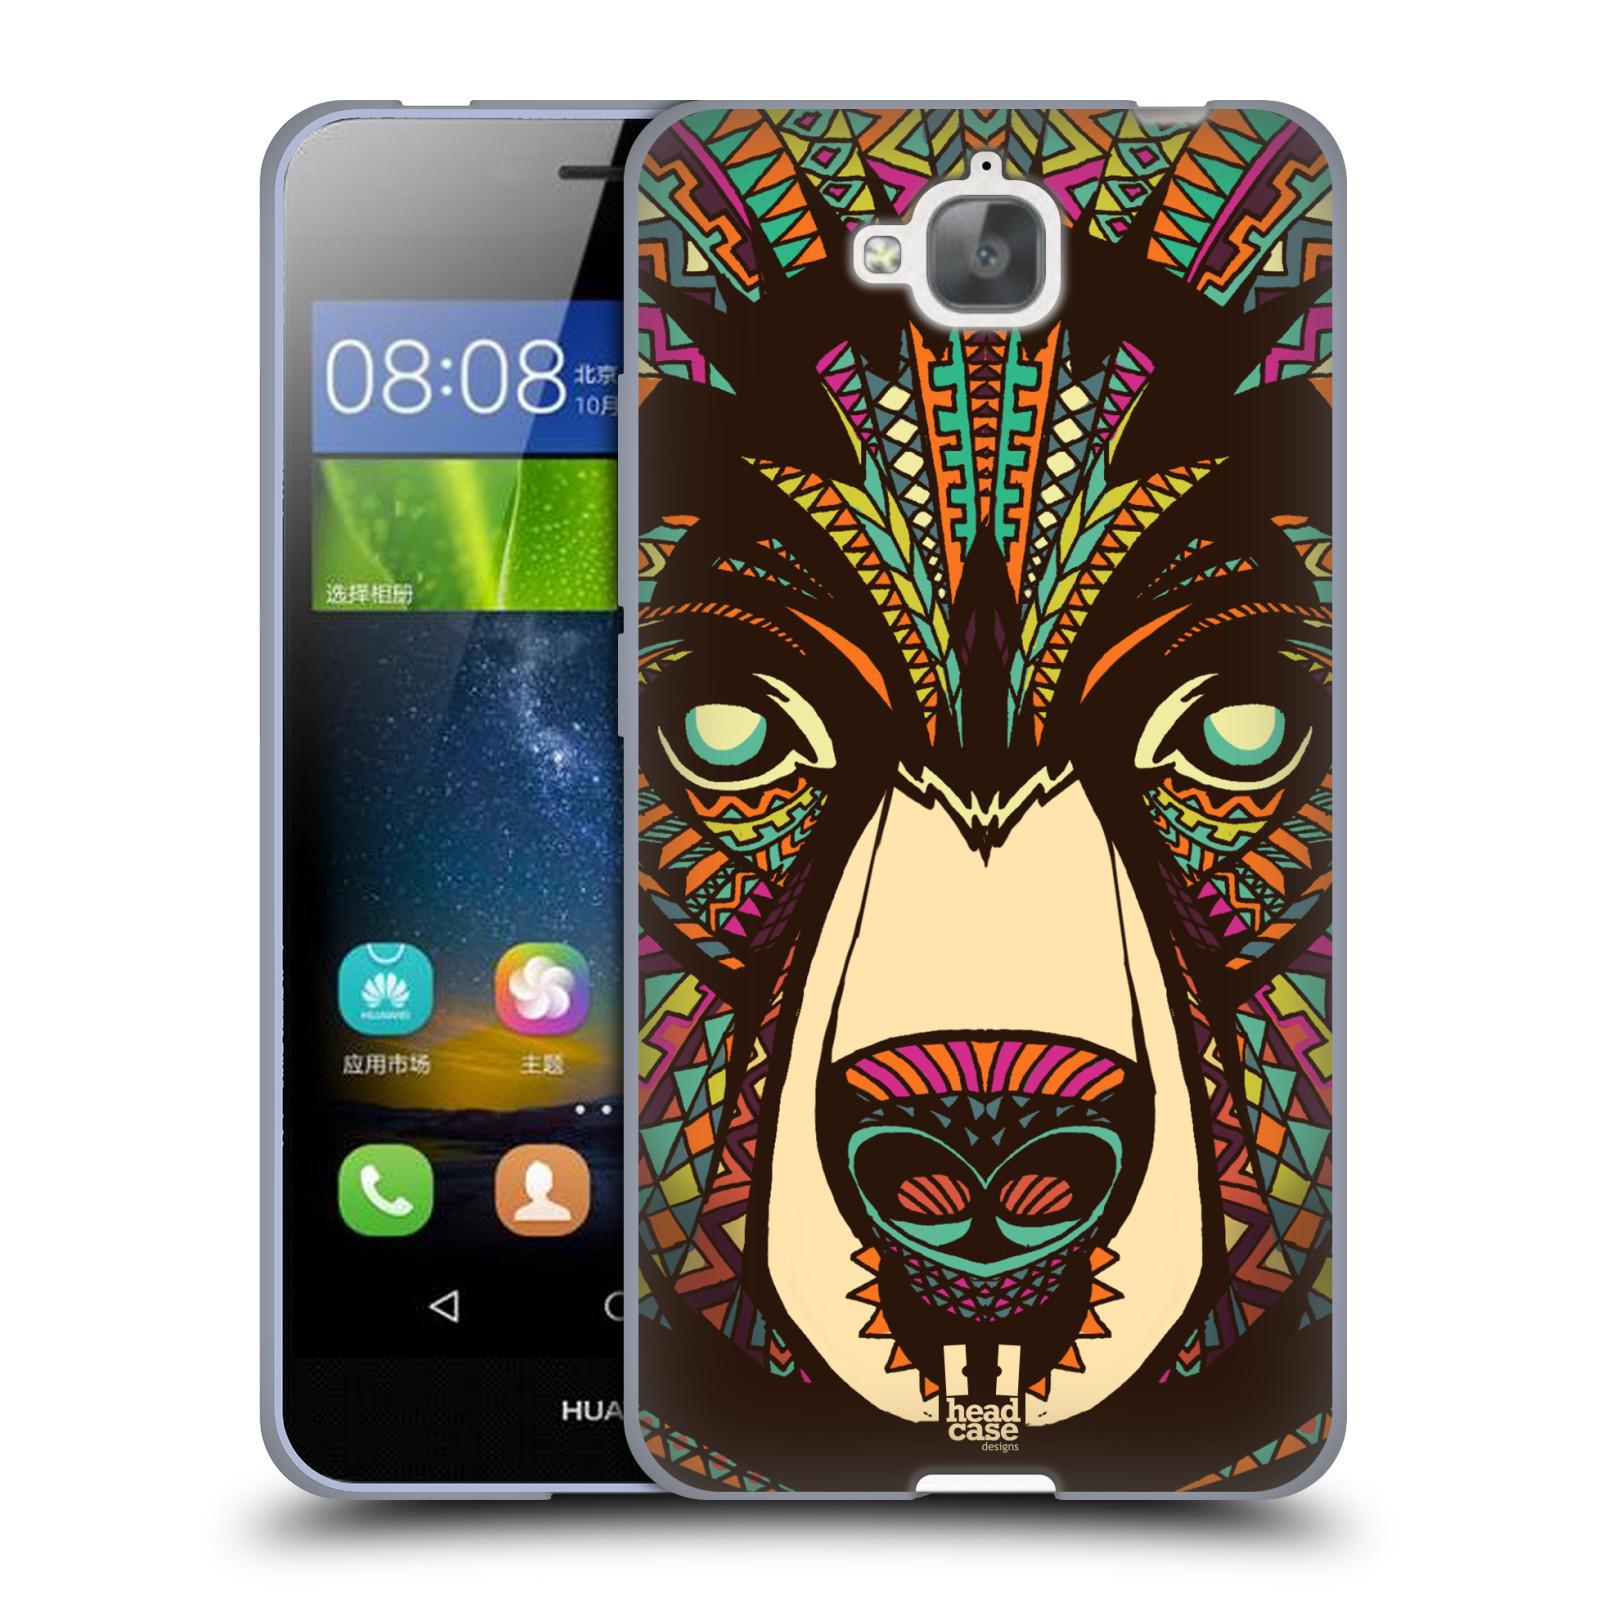 Silikonové pouzdro na mobil Huawei Y6 Pro Dual Sim HEAD CASE AZTEC MEDVĚD